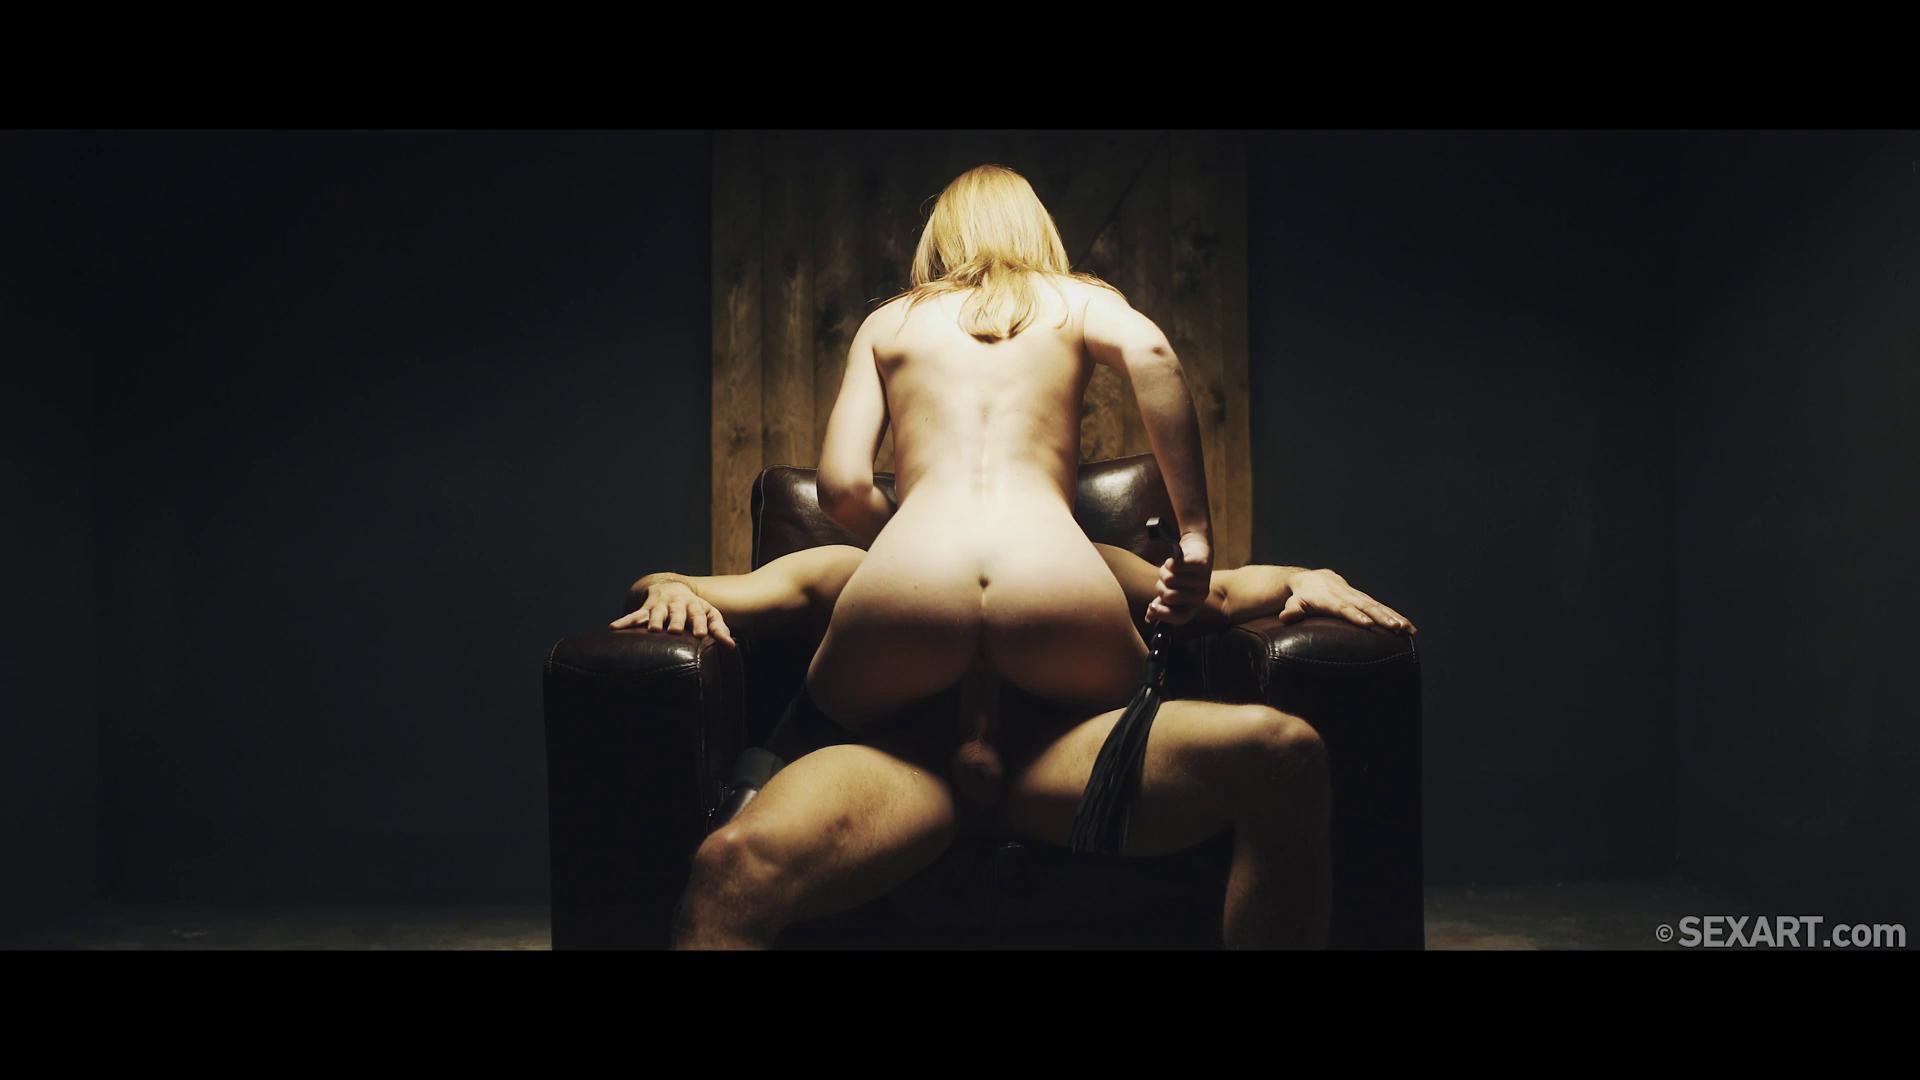 SexArt – Linda Sweet Her Hidden Desire